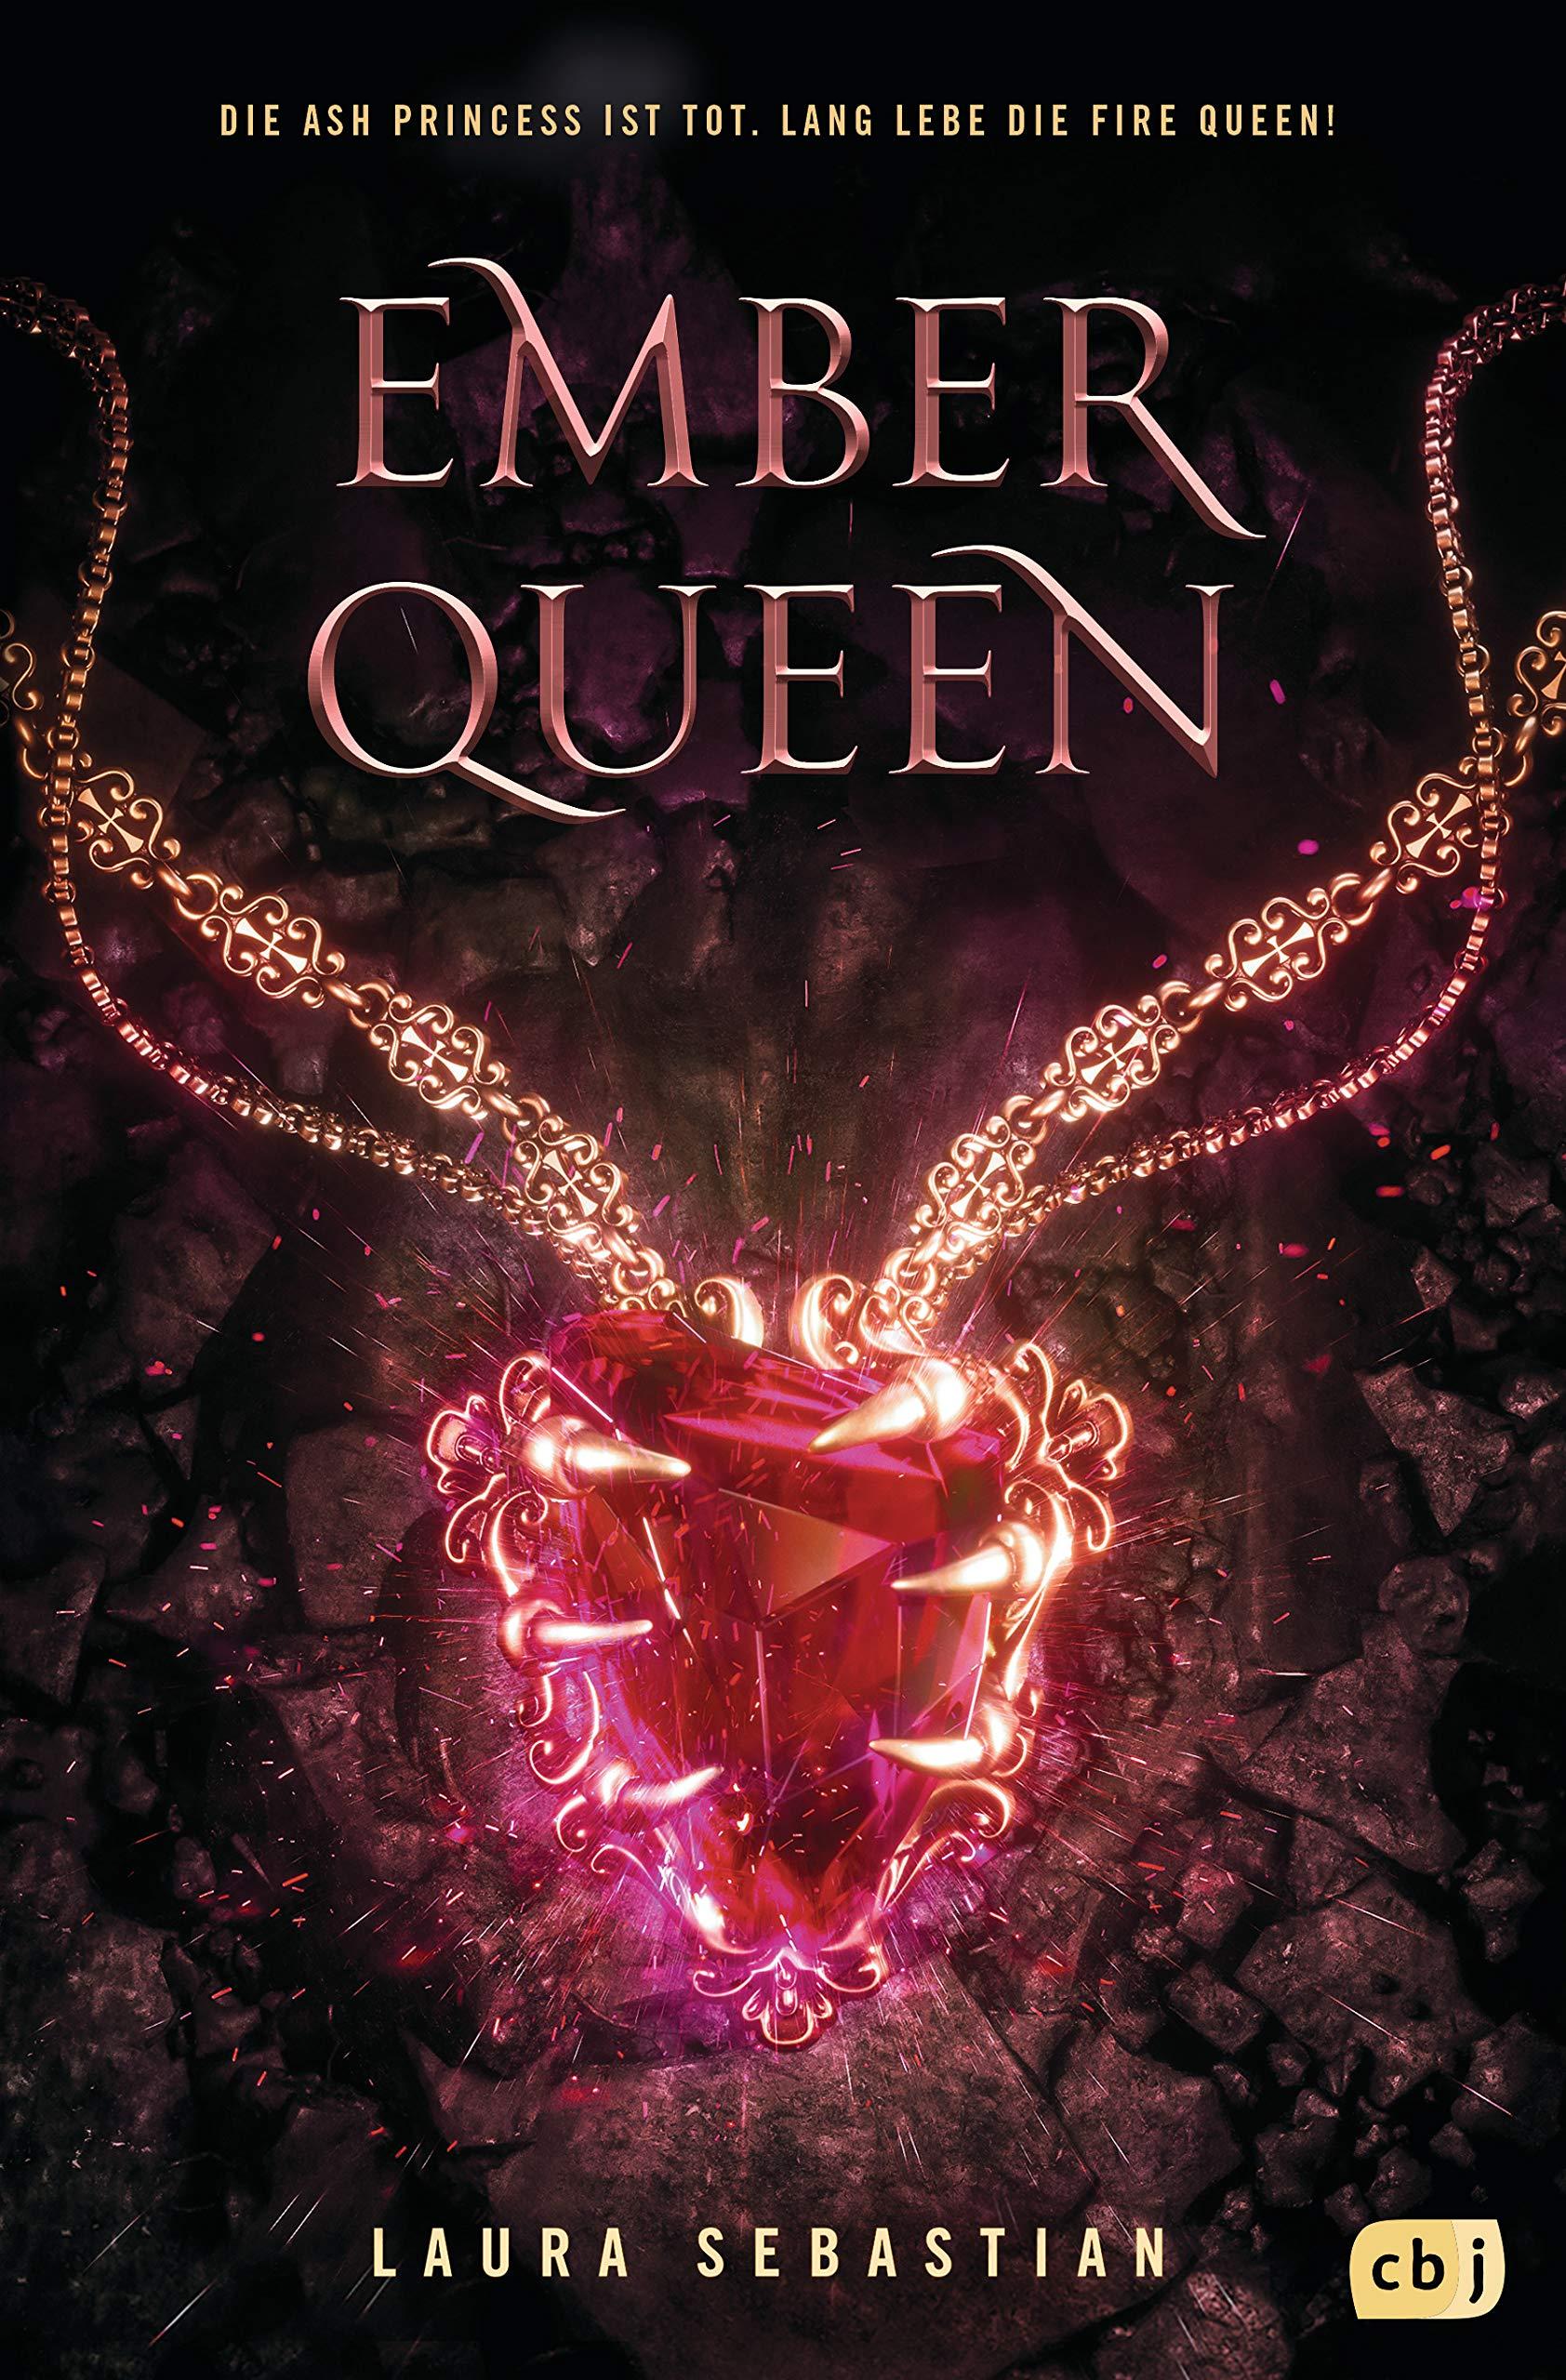 Ember Queen von Laura Sebastian (deutsches Cover)